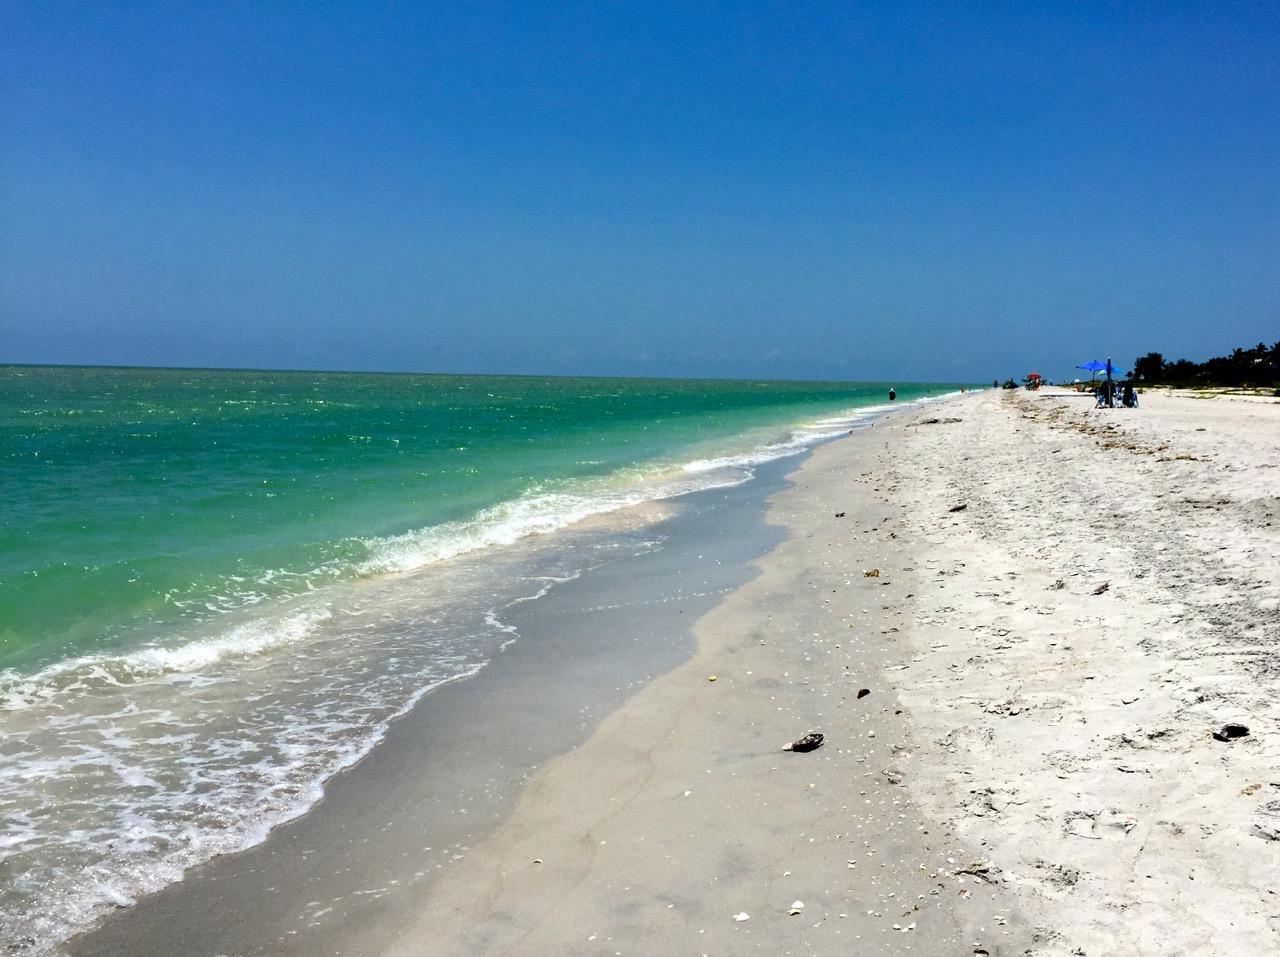 15 MILES OF BEACHES